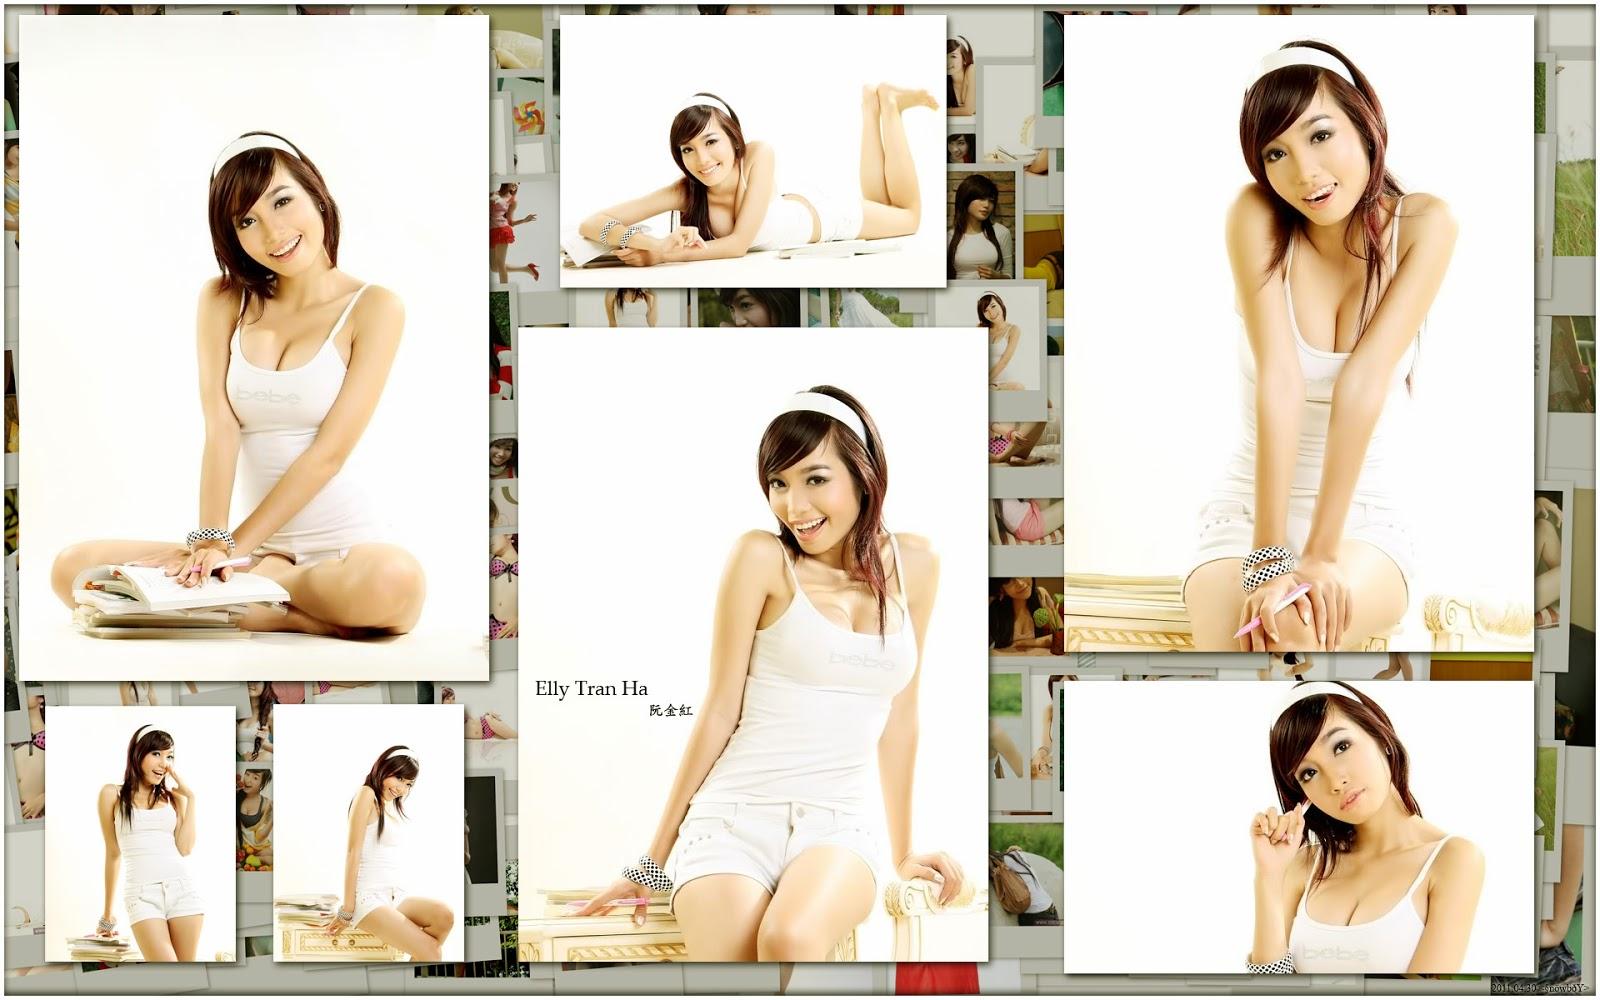 ... CAUdF5gSP48/UMnqyU91GuI/AAAAAAAABkM/BXrfJL40uEw/s1600/Elly+Tran+Ha.jpg